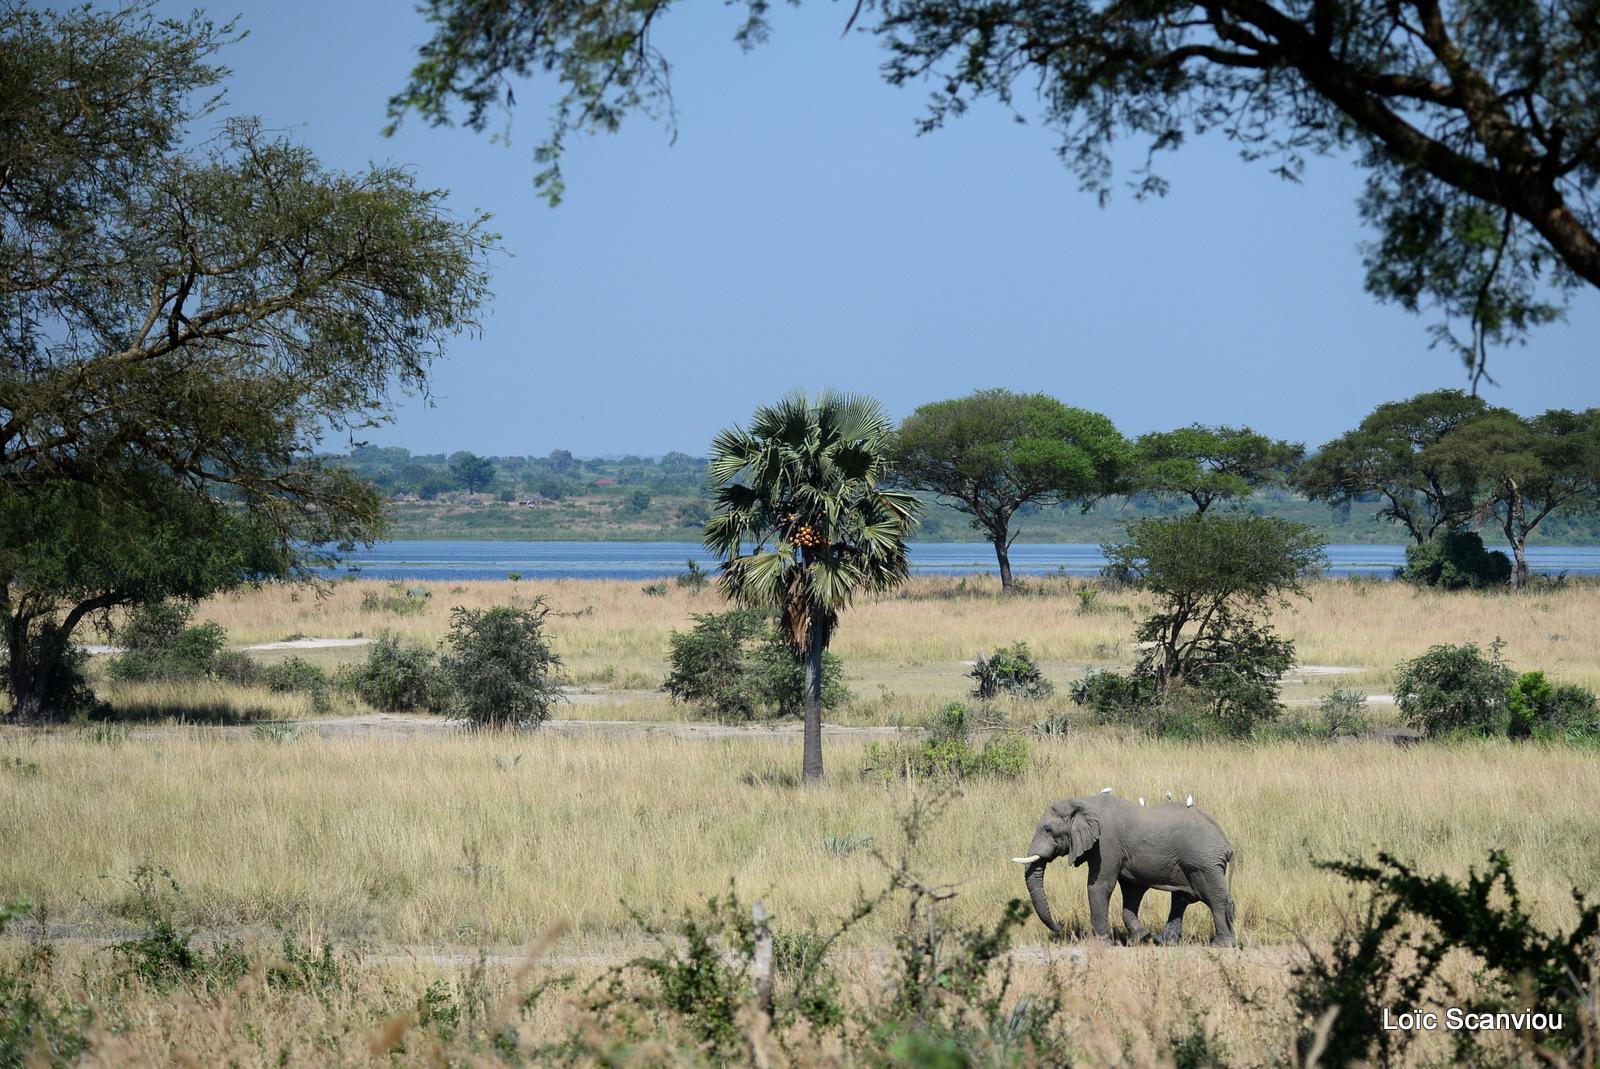 Éléphant de savane d'Afrique/Savanna Elephant (29)